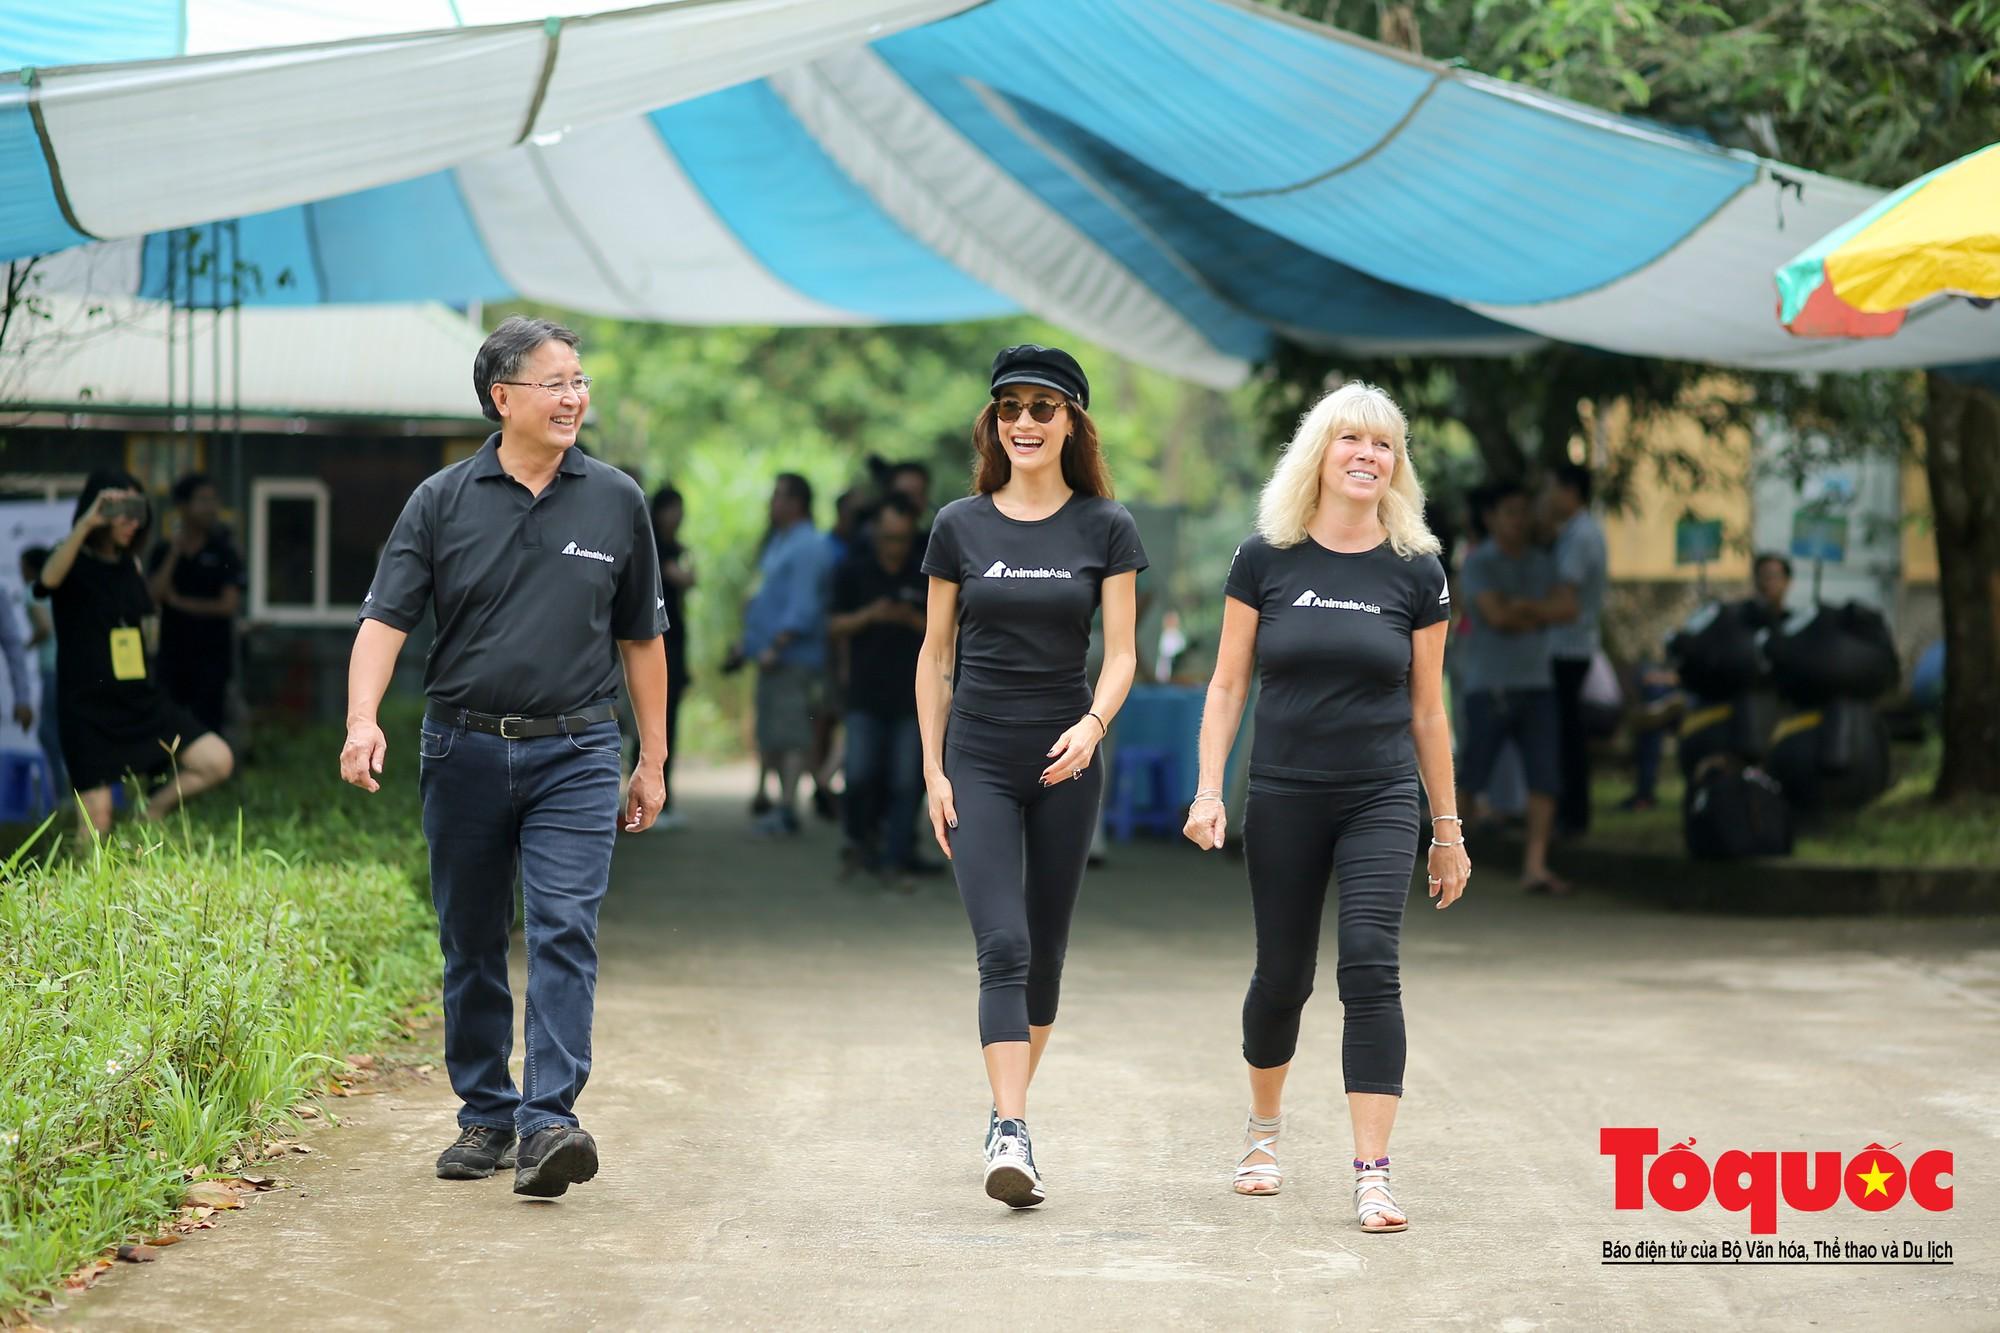 Ngôi sao Hollywood người Mỹ gốc Việt Maggie Q thăm Trung tâm Cứu hộ Gấu Việt Nam và đặt tên cho một chú gấu6